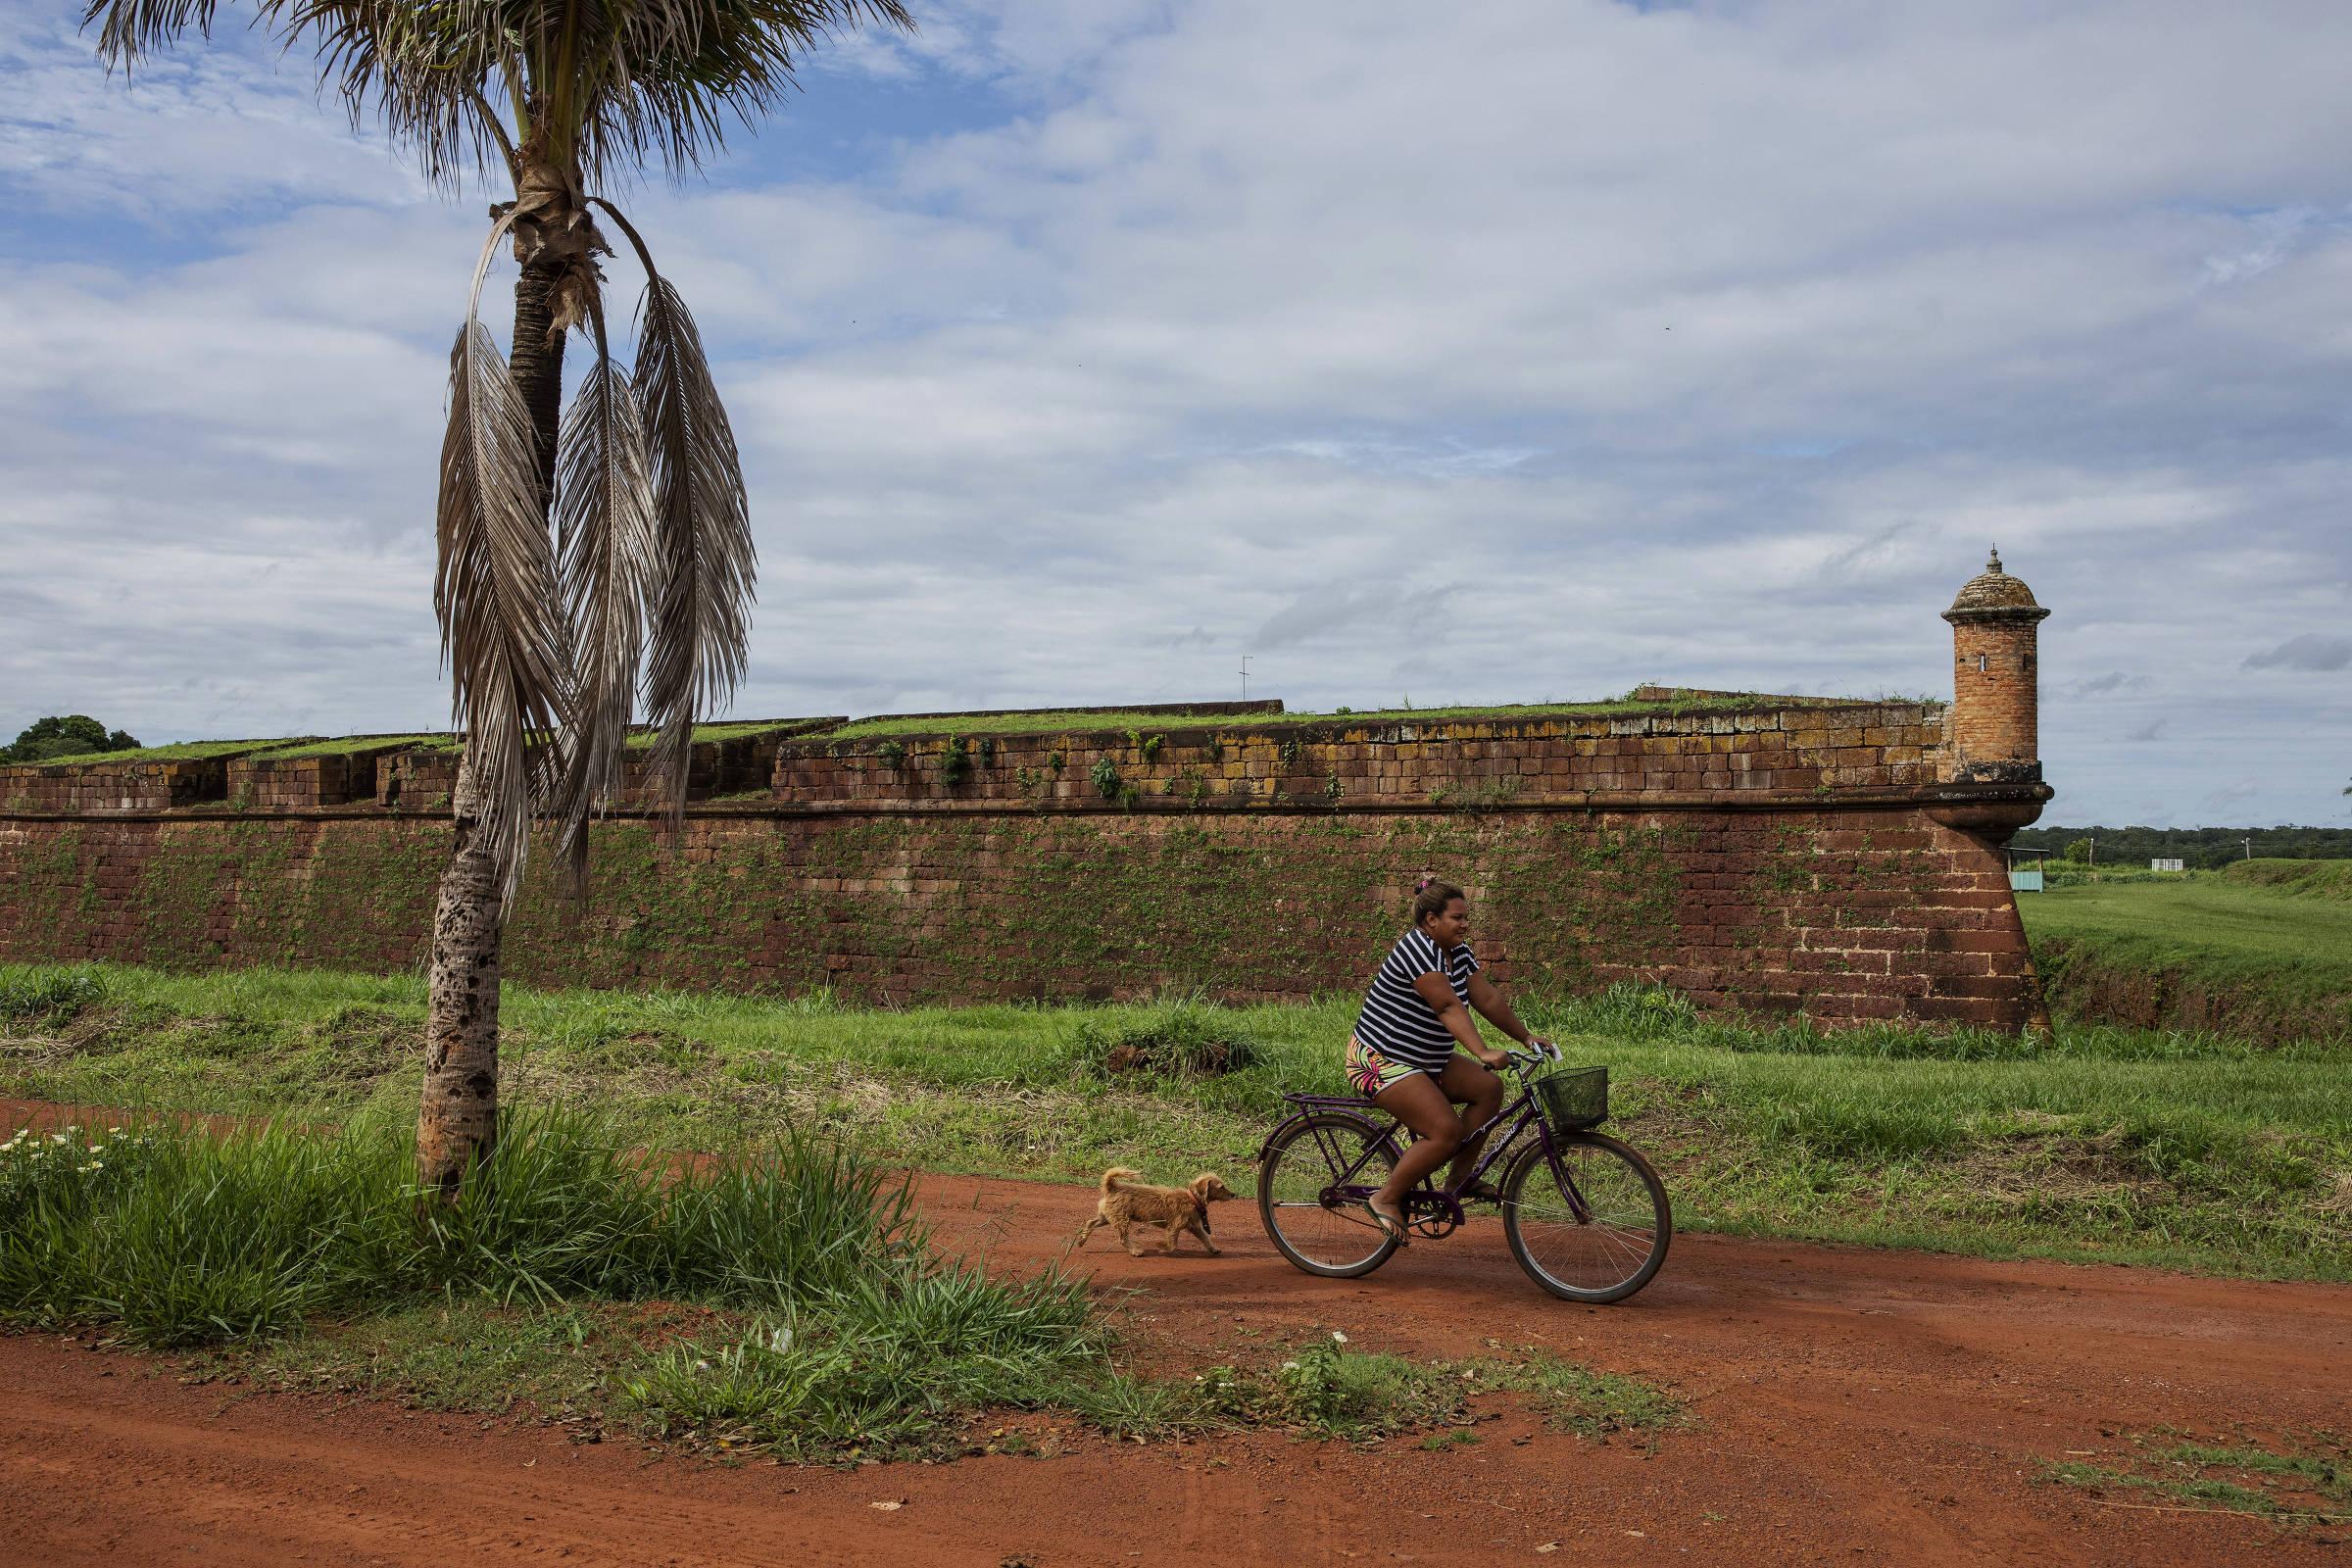 Morador da comunidade quilombola do Forte Príncipe da Beira, no vale do rio Guaporé, em Rondônia, passa de bicicleta em frente a fortaleza militar construída no século 18